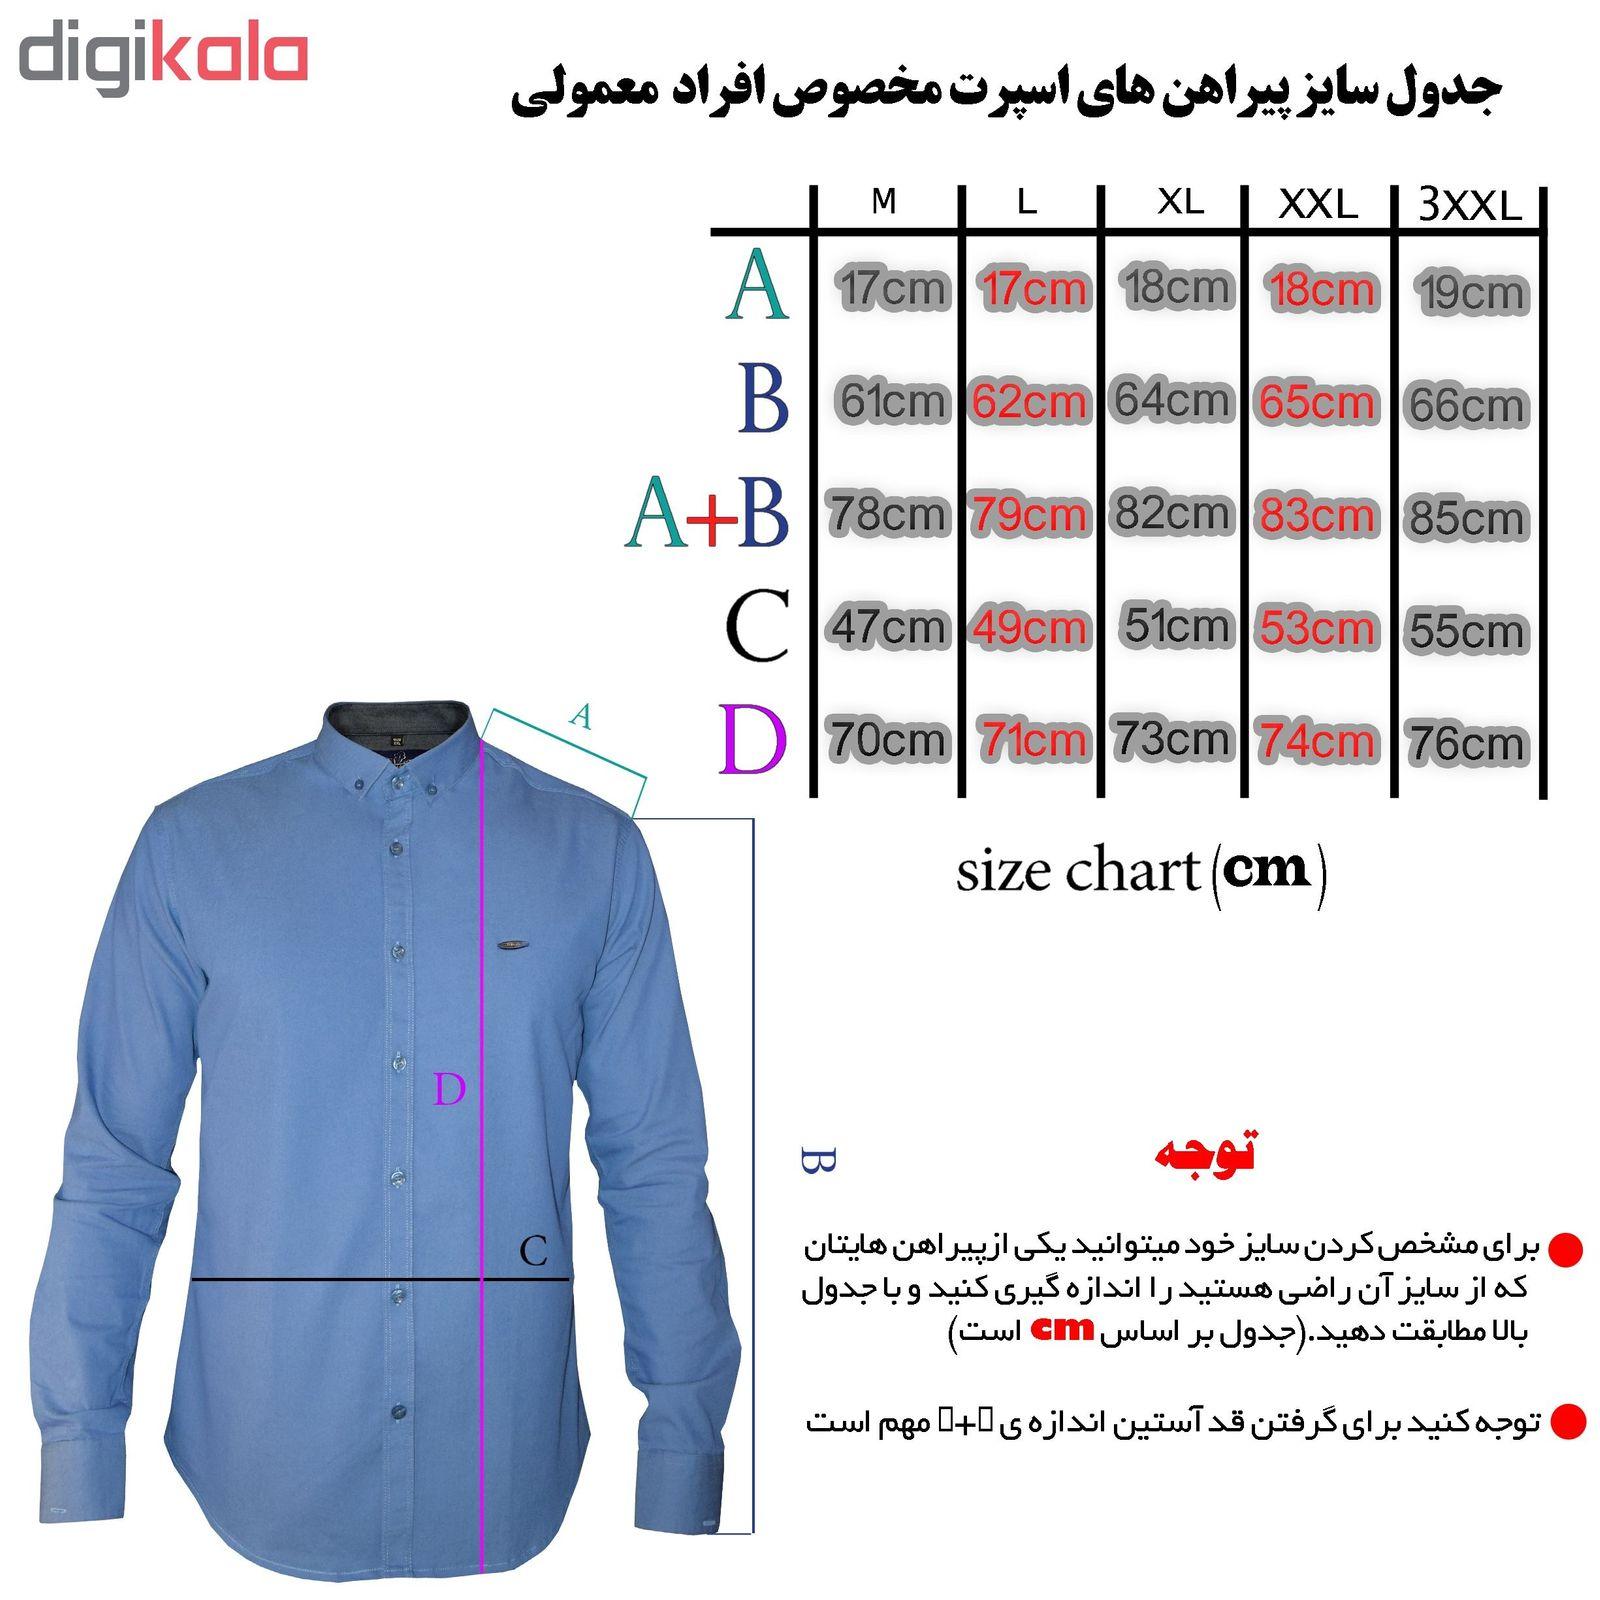 پیراهن مردانه پایتی جامه کد 1891615 main 1 1